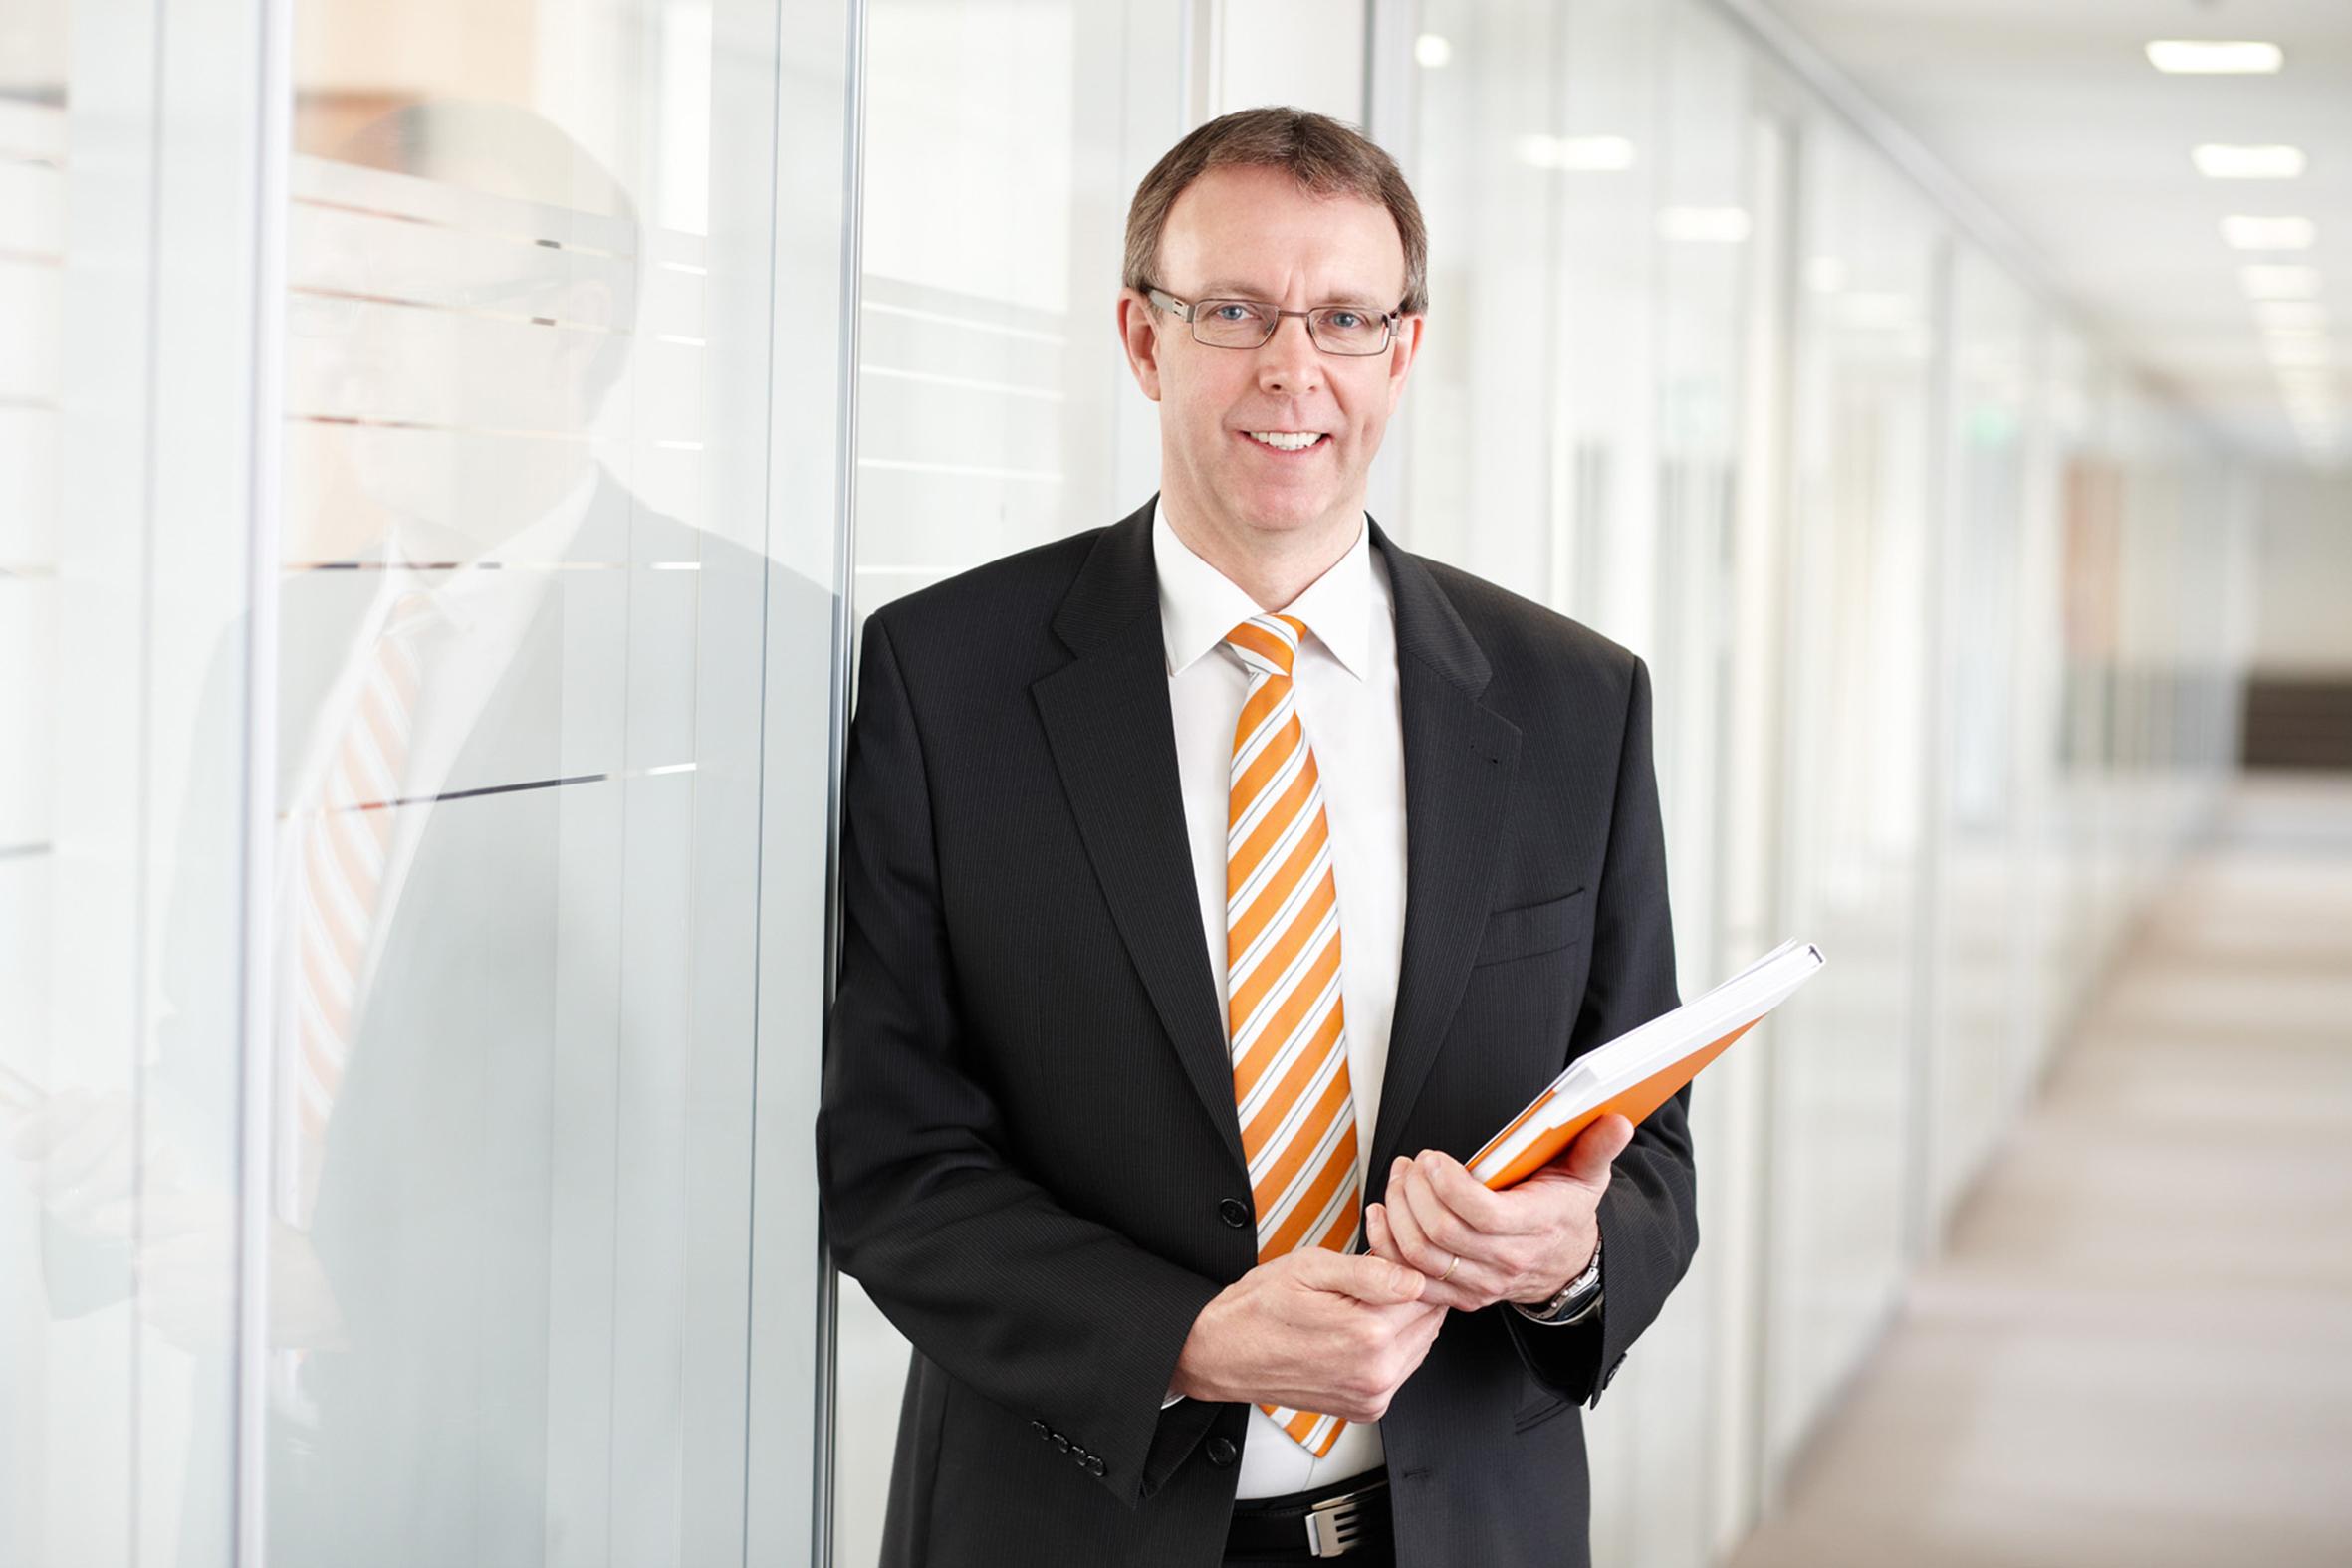 Dr. Eberhard Niggemann von der Weidmüller Akademie setzt auf vernetztes, digitales Lernen (Foto: Weidmüller)